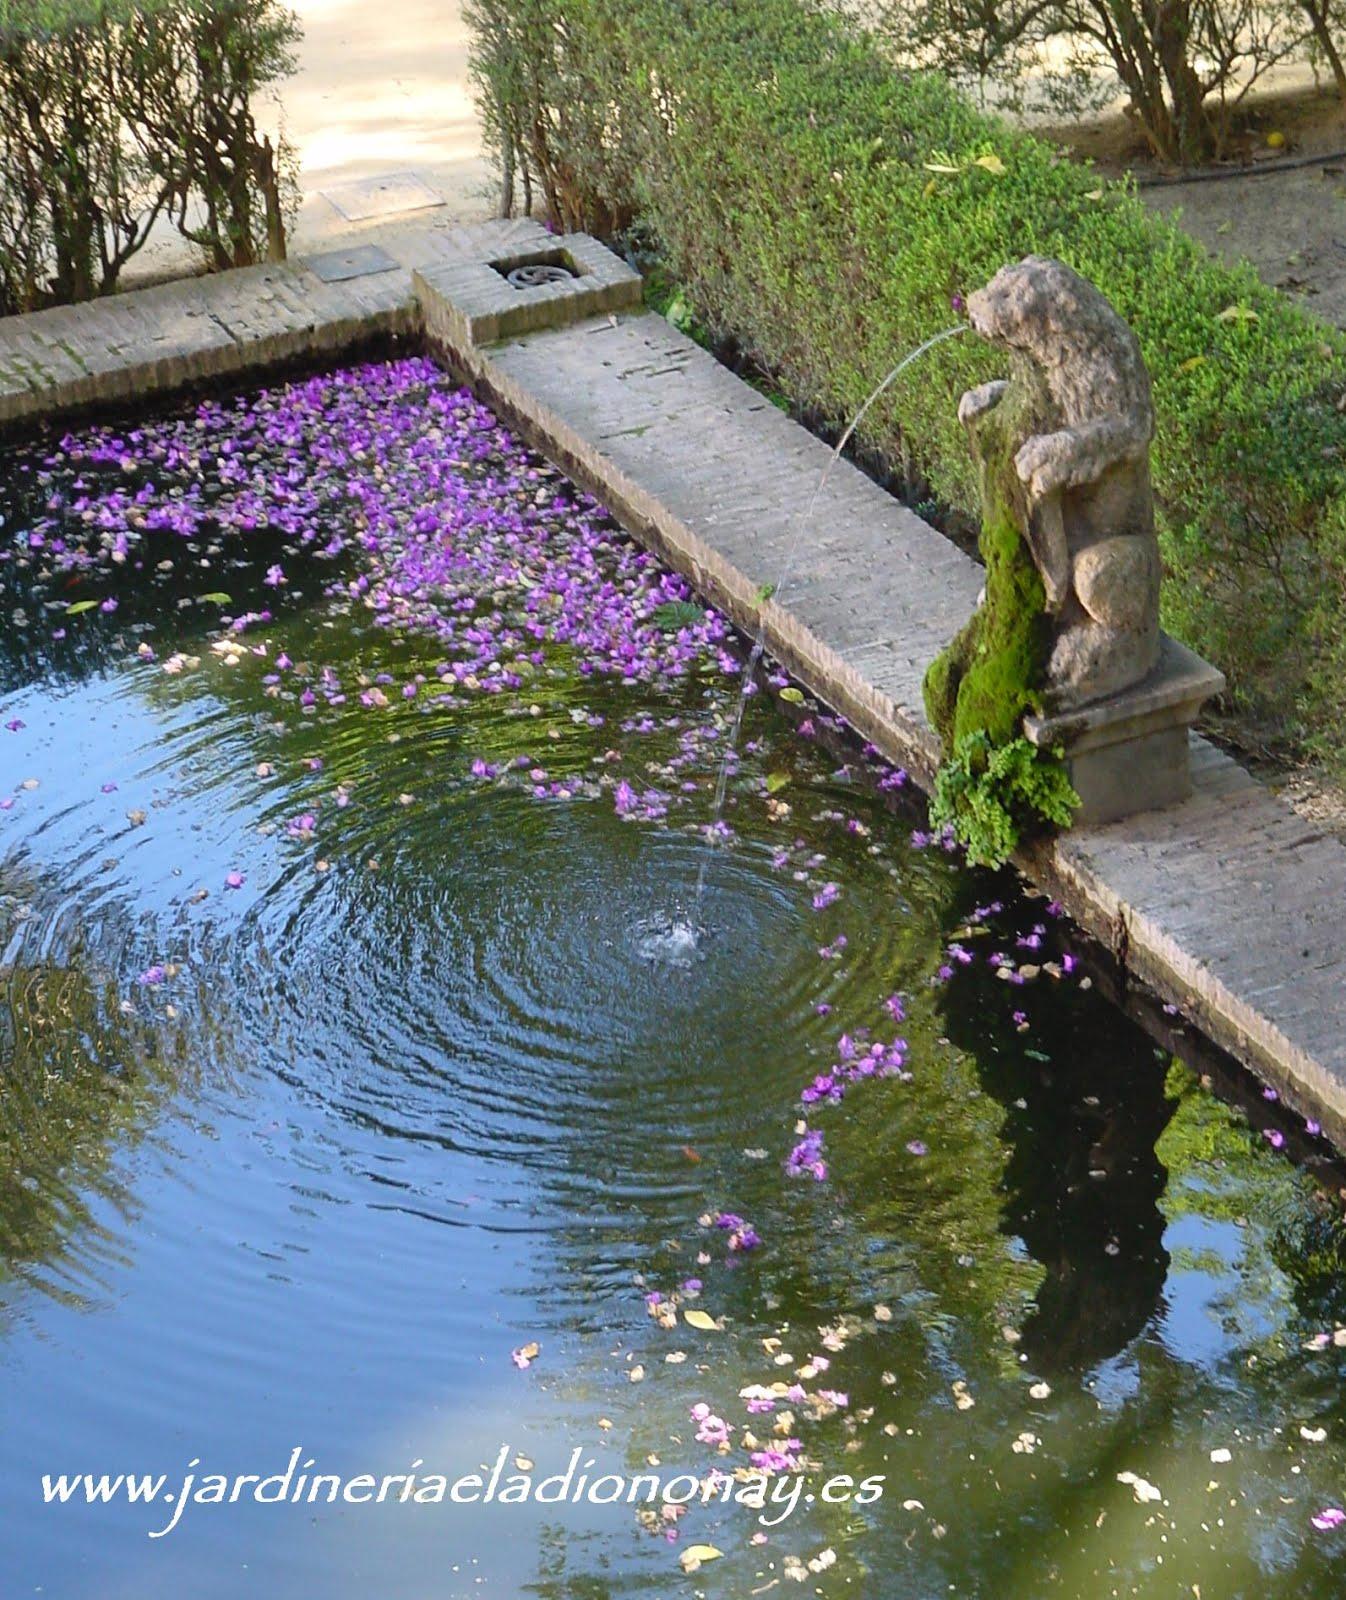 Jardineria eladio nonay agua en el jard n jardiner a - Jardineria eladio nonay ...